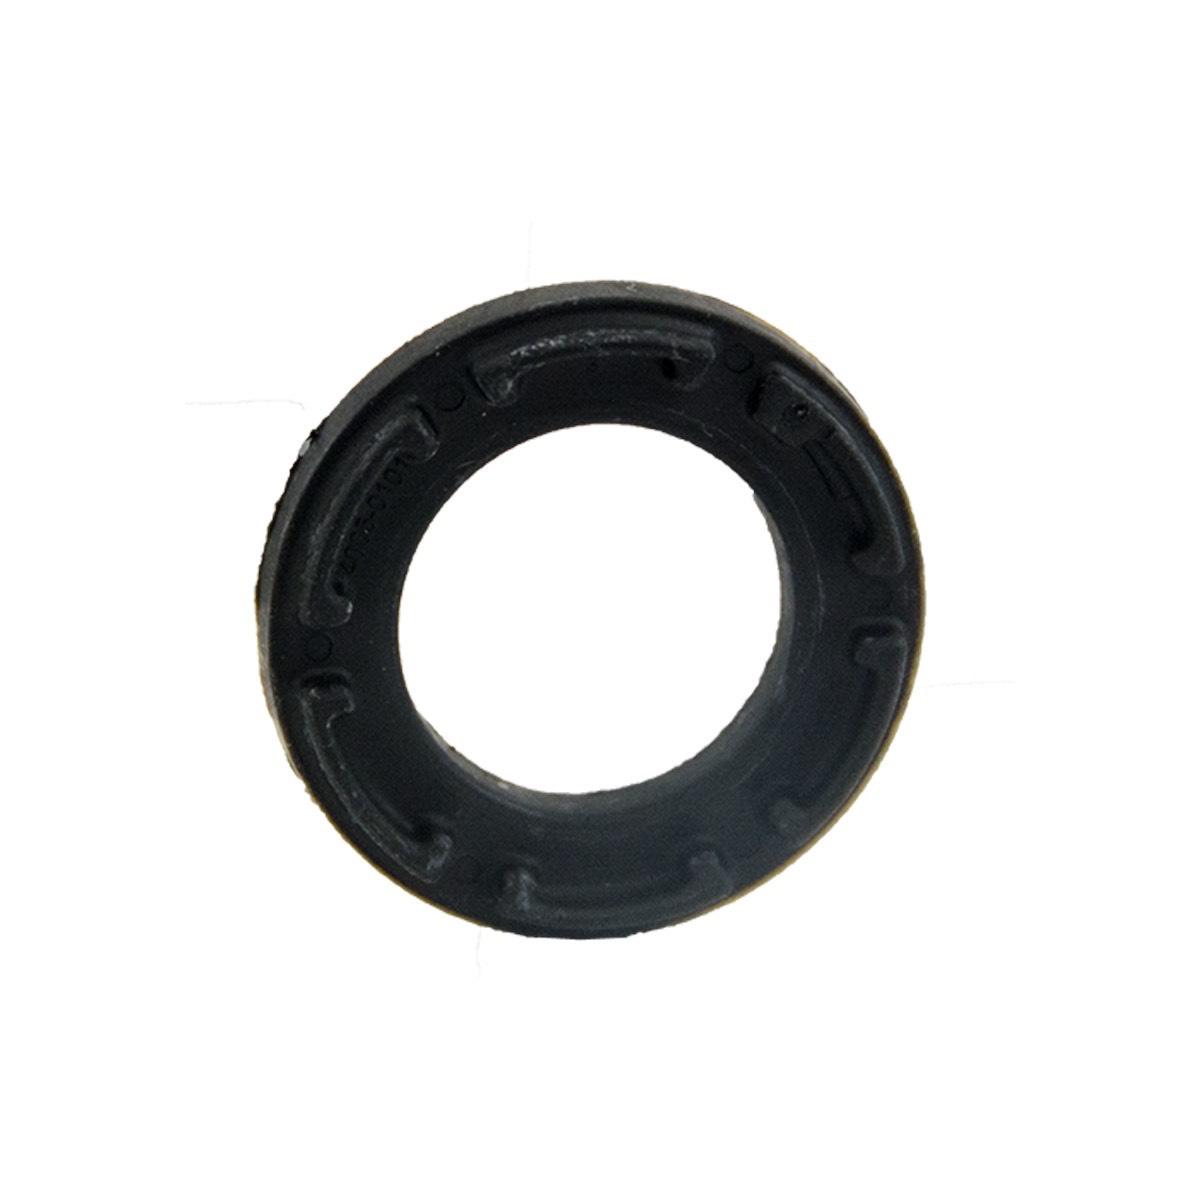 4005-0101, 390mm Friction Yoke Washer for GPZ 7000